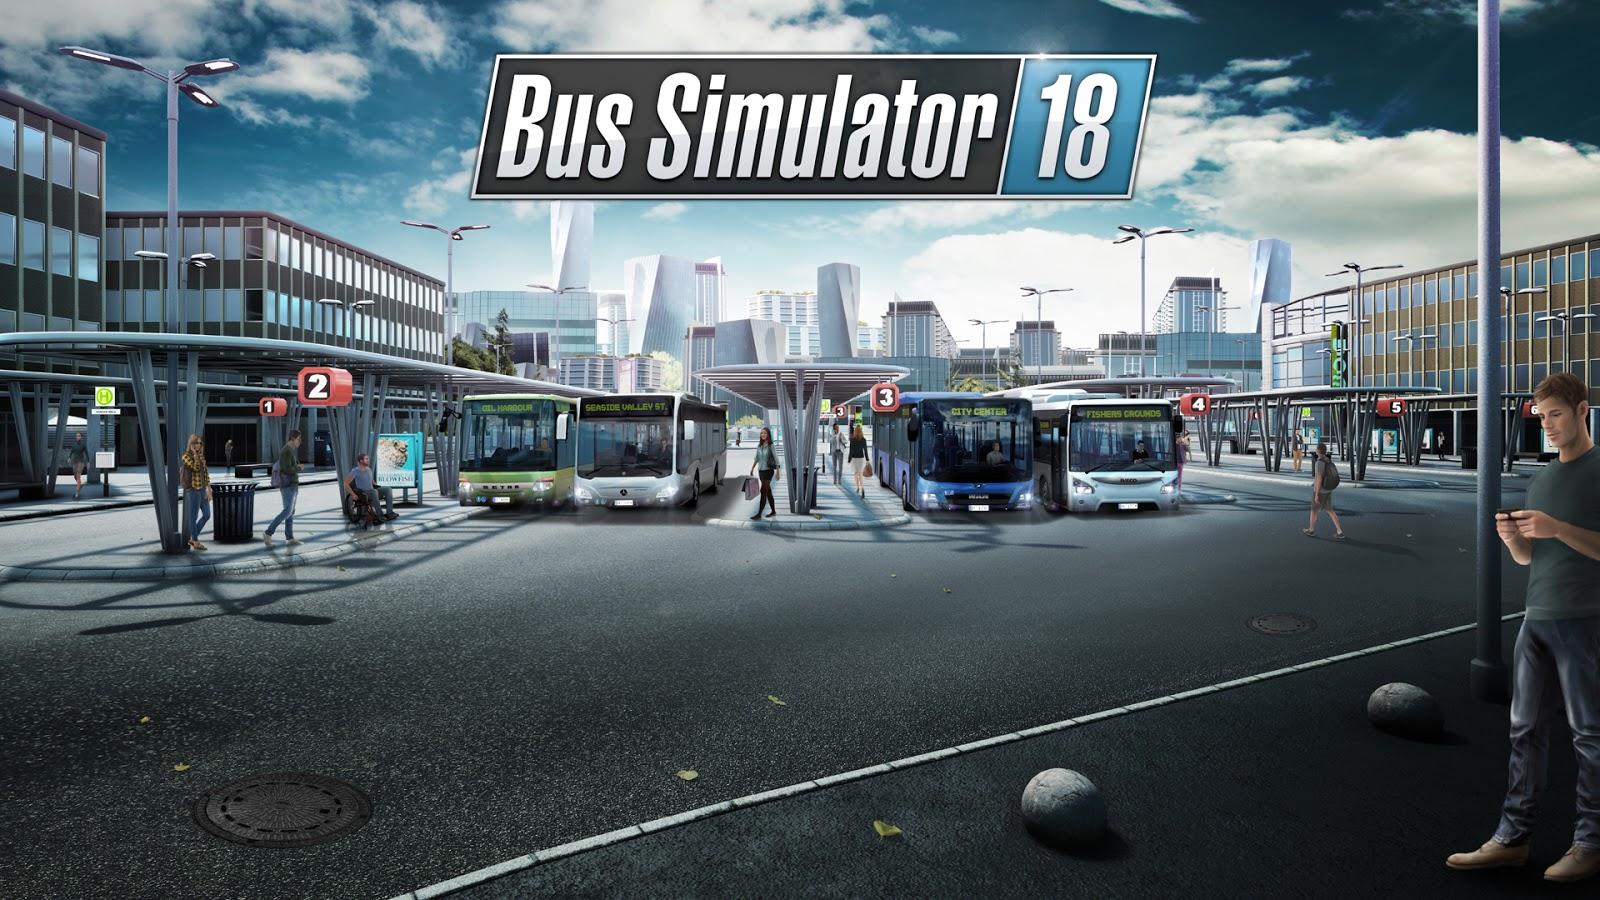 Link Tải Game Bus Simulator 18 Miễn Phí Thành Công